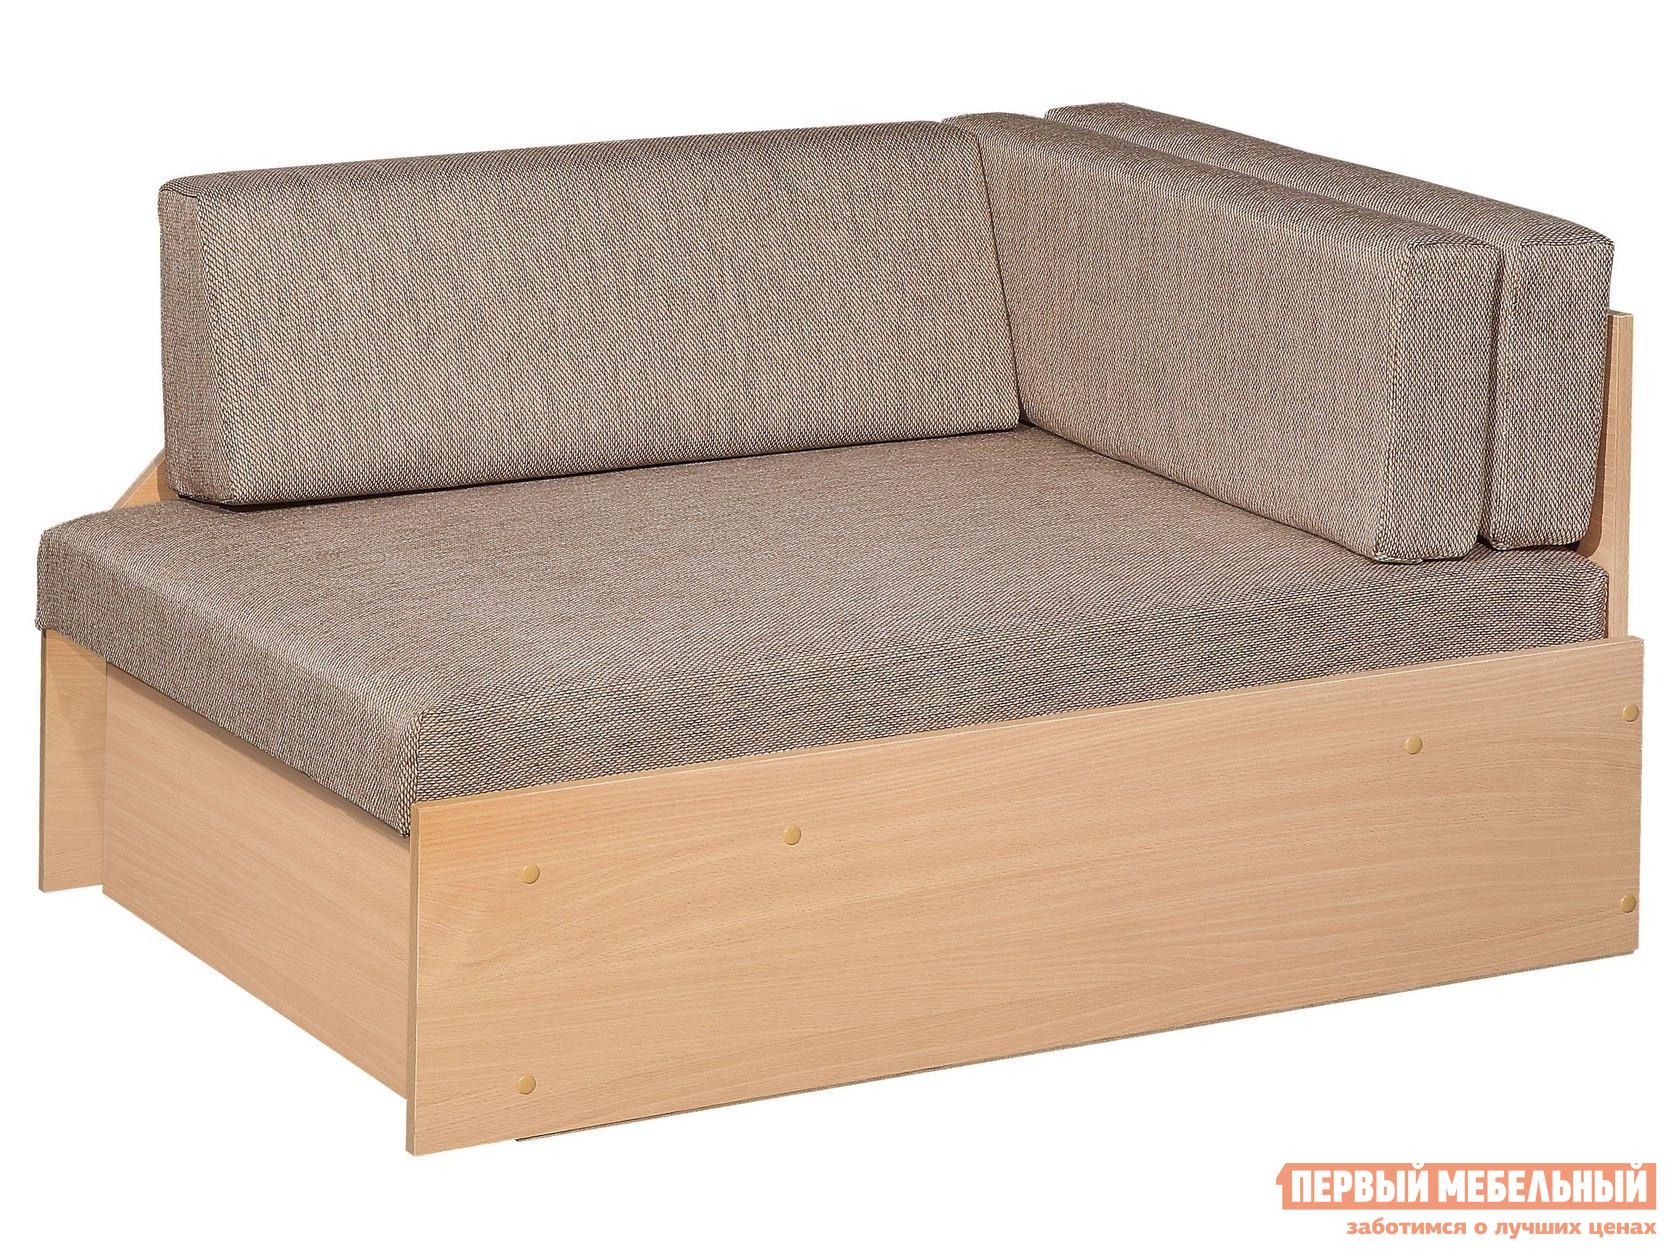 Угловой диван Первый Мебельный Диван Дауни